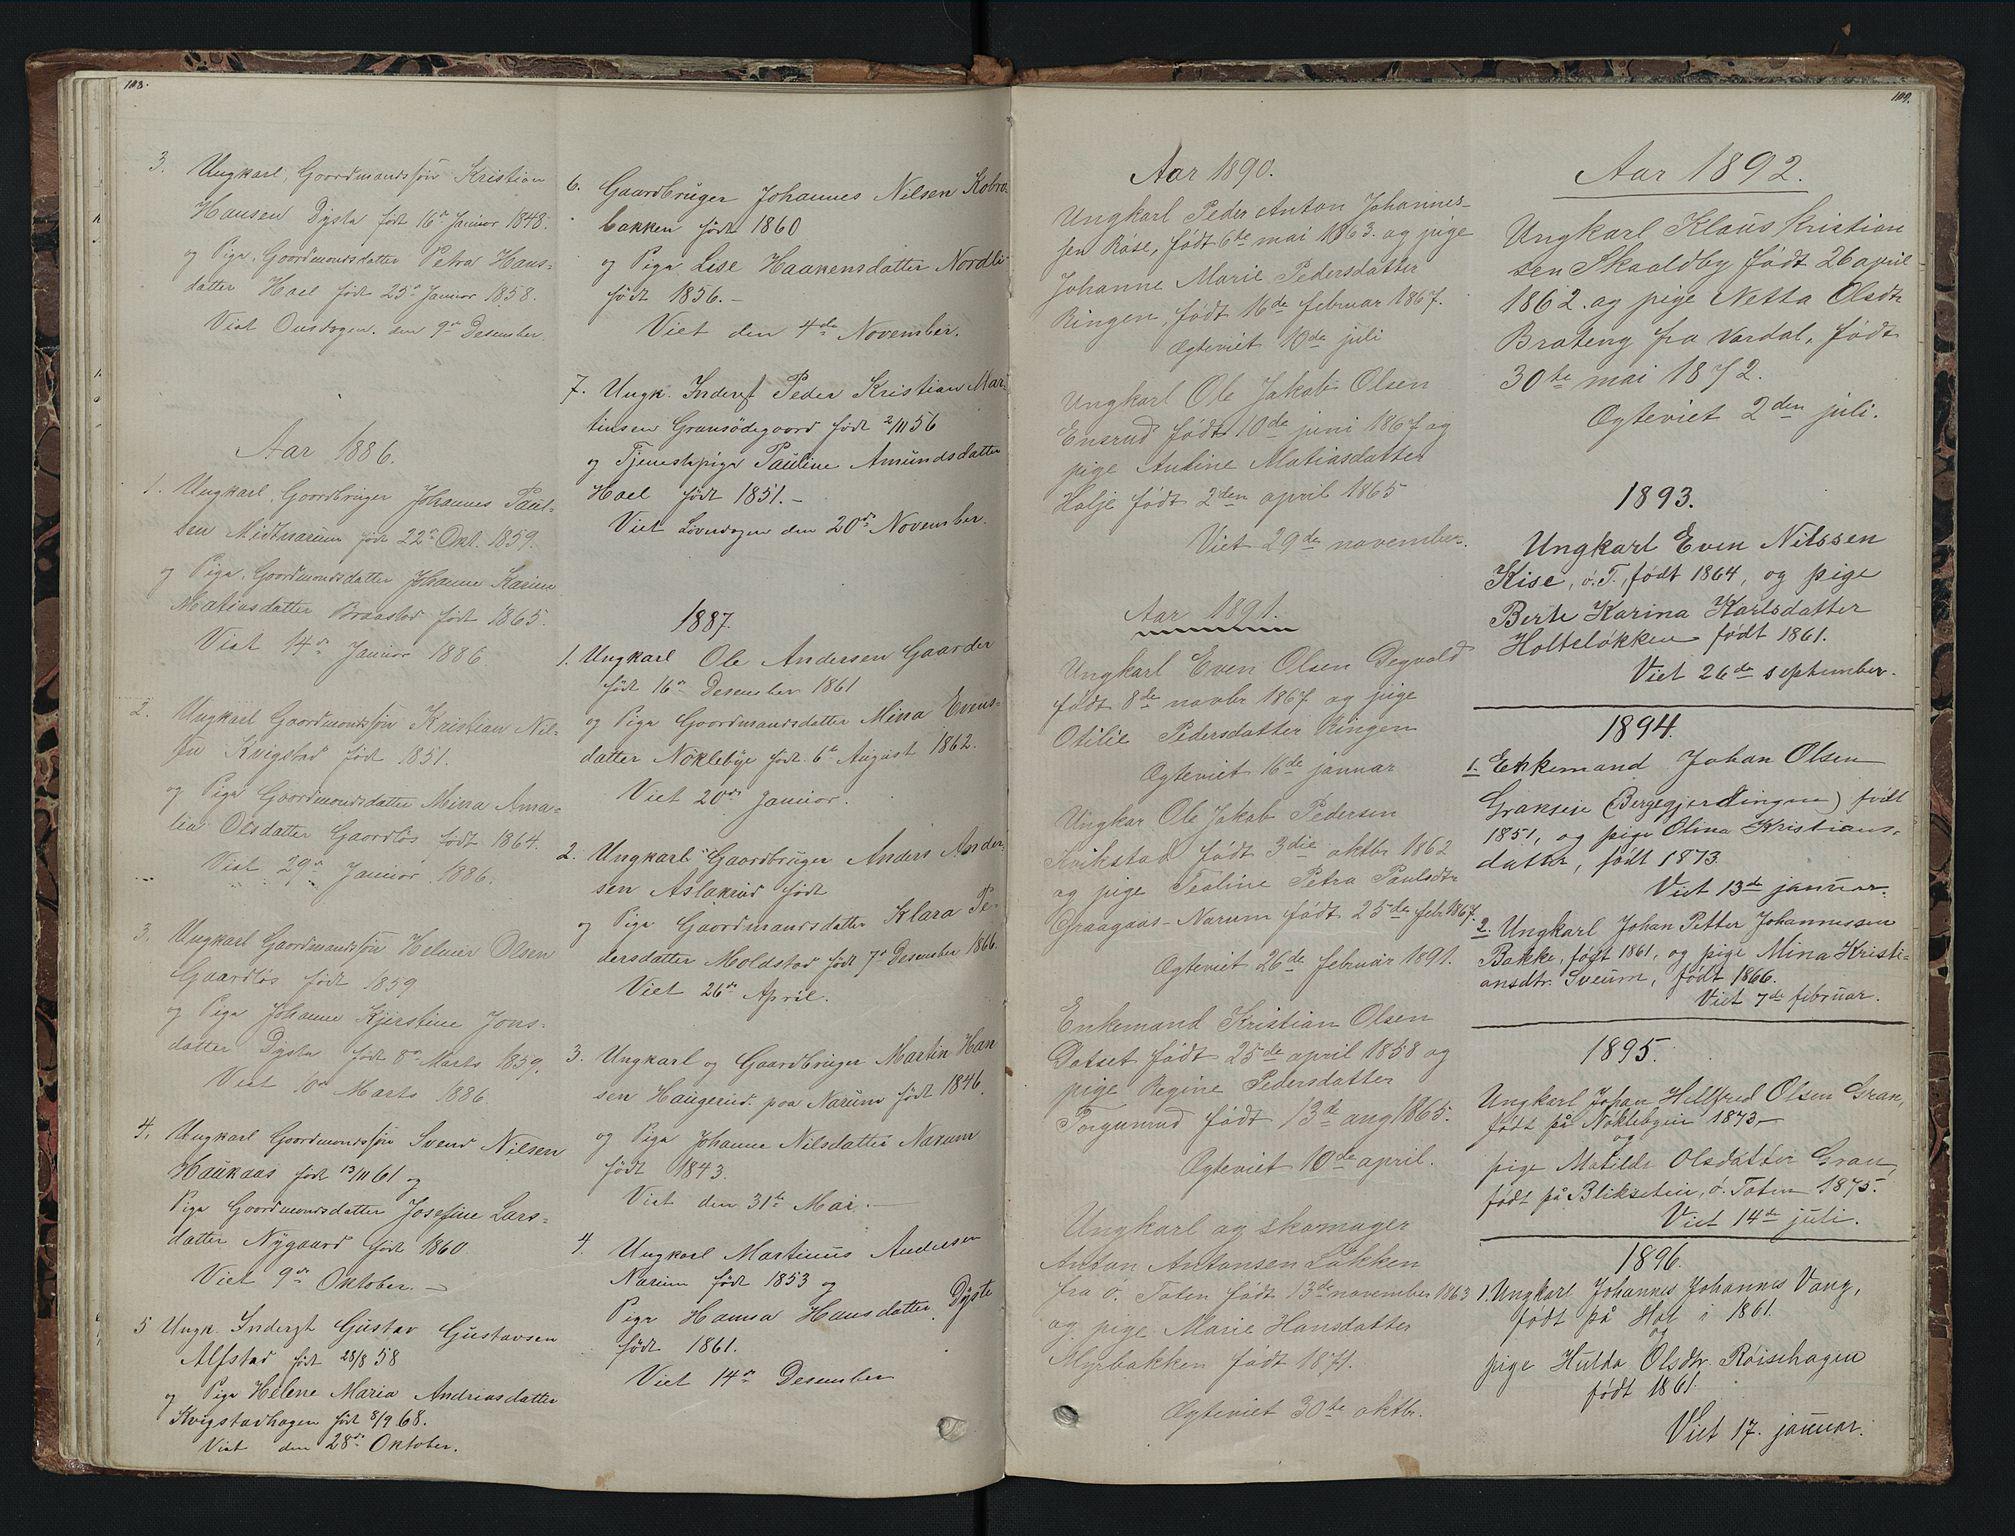 SAH, Vestre Toten prestekontor, Klokkerbok nr. 7, 1872-1900, s. 108-109